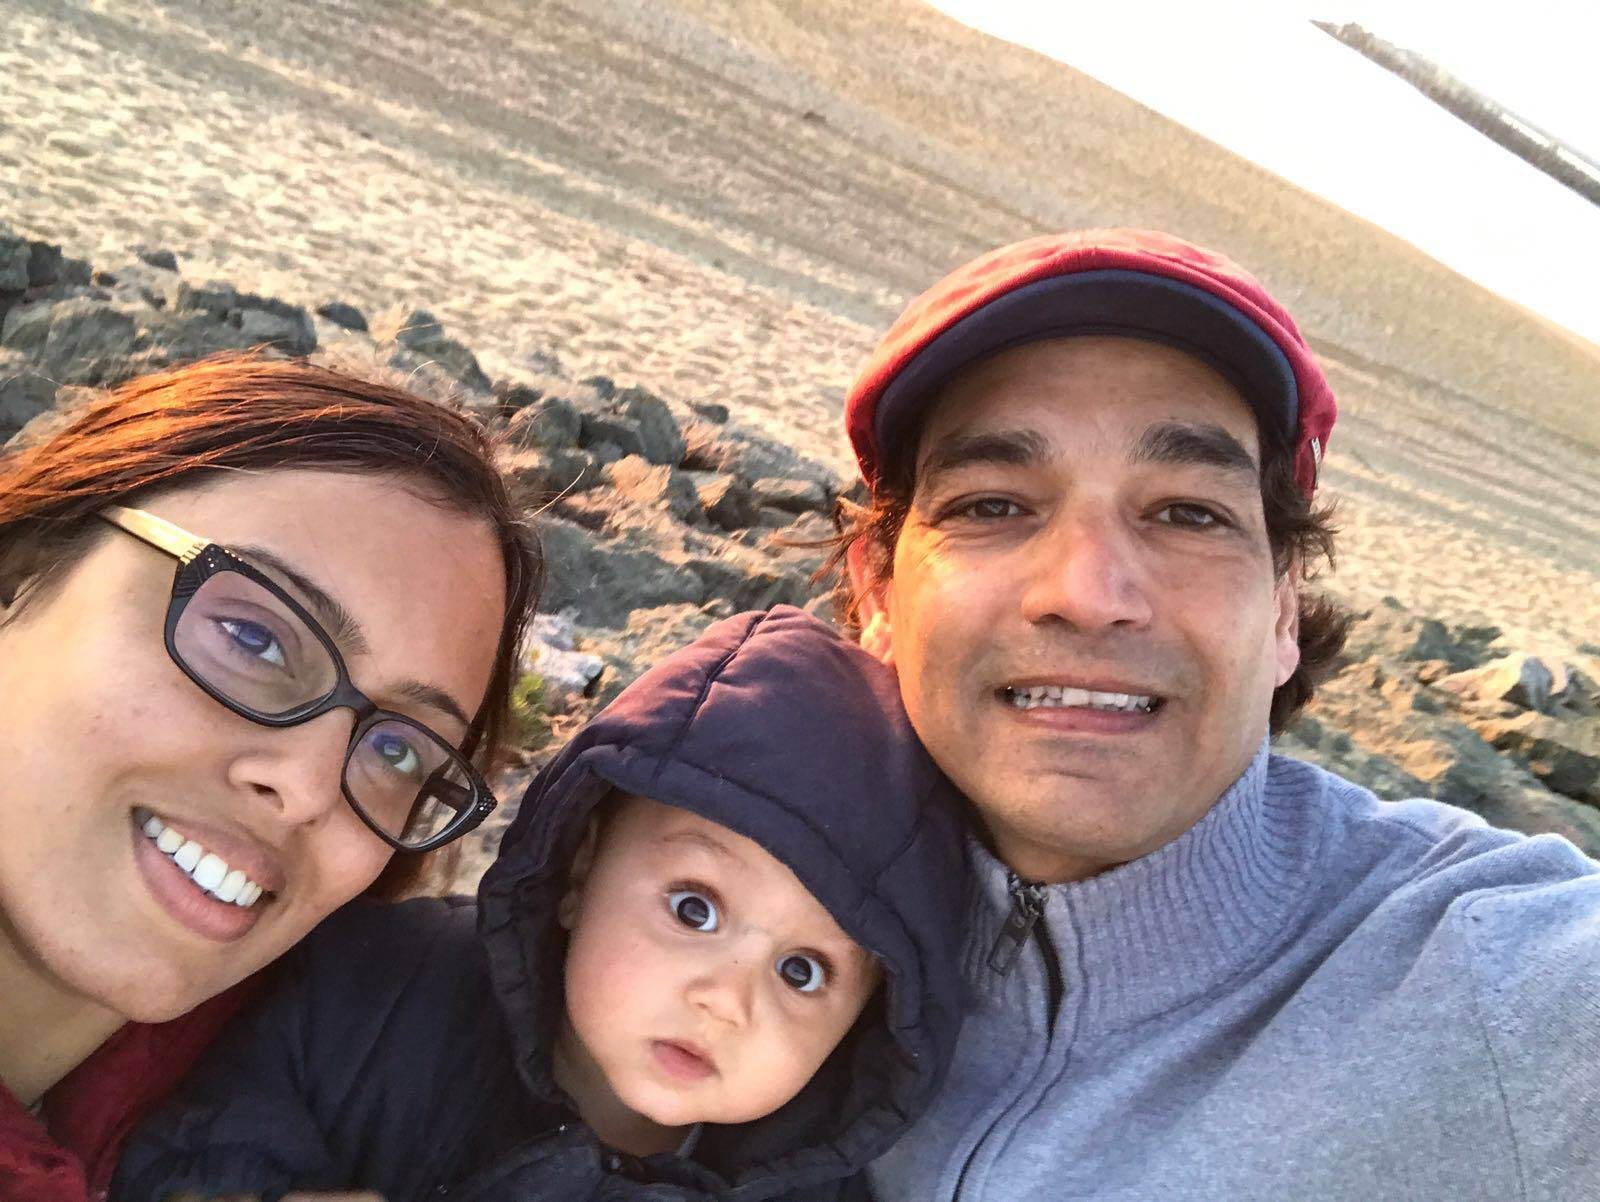 family travel selfie